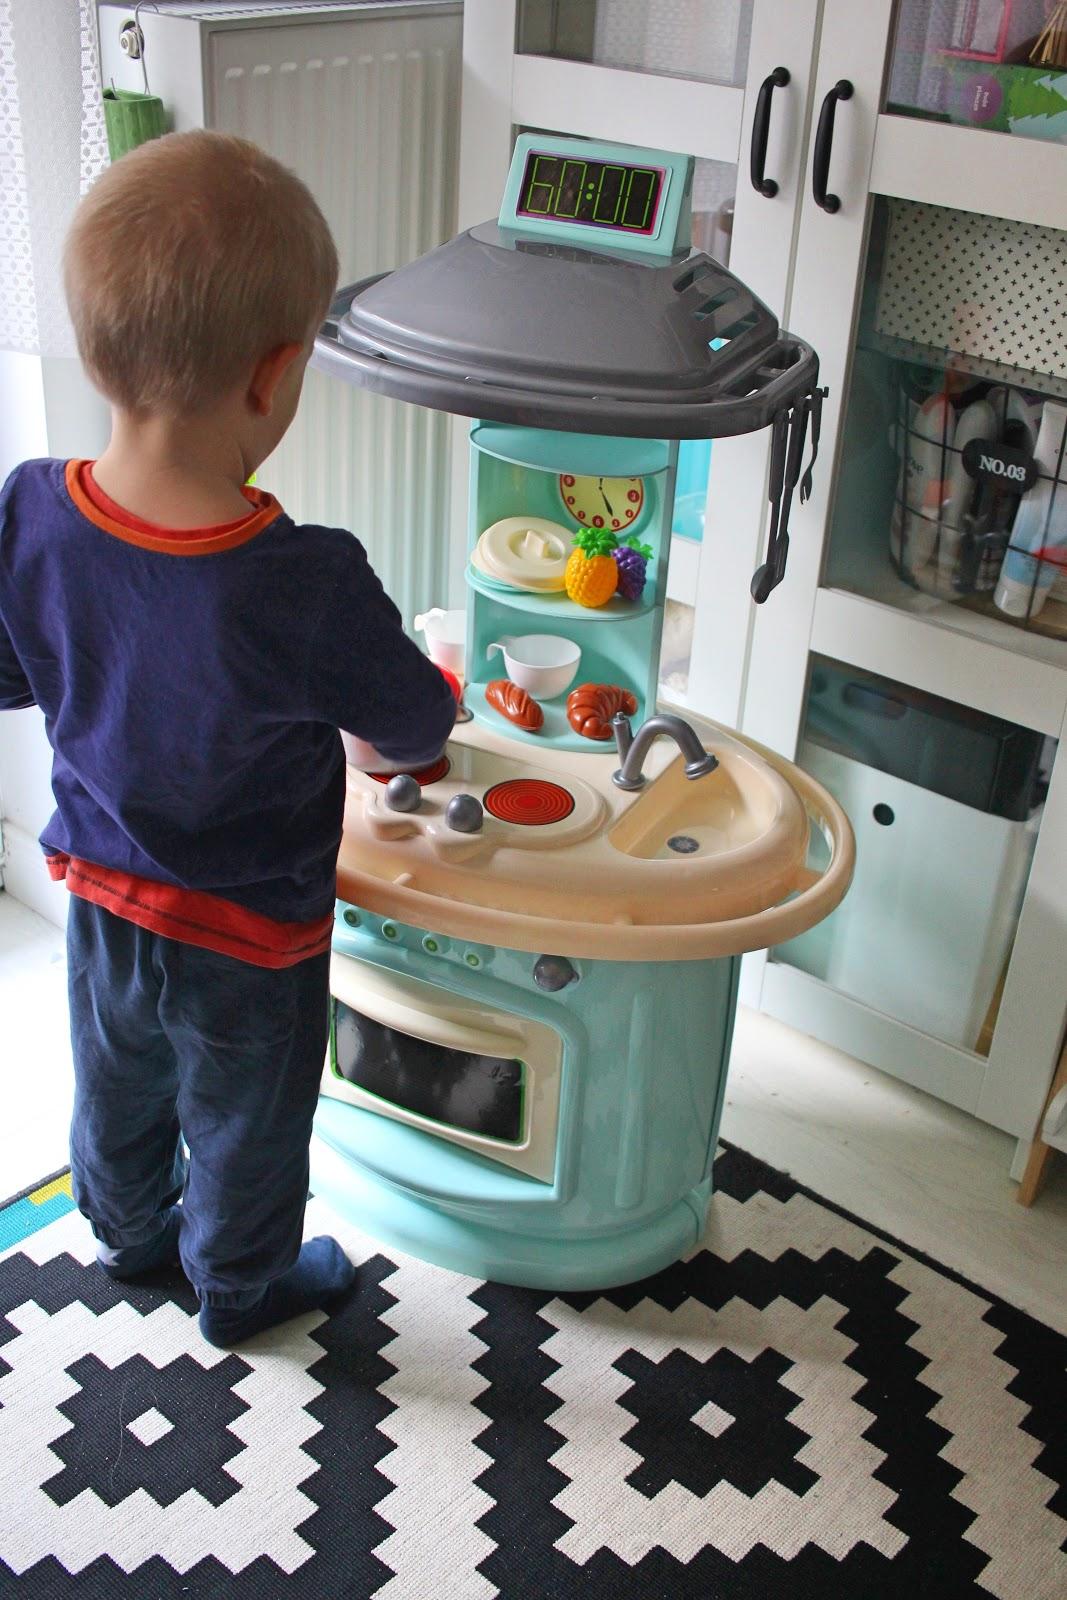 jaką kuchnię dla dziecka kupić